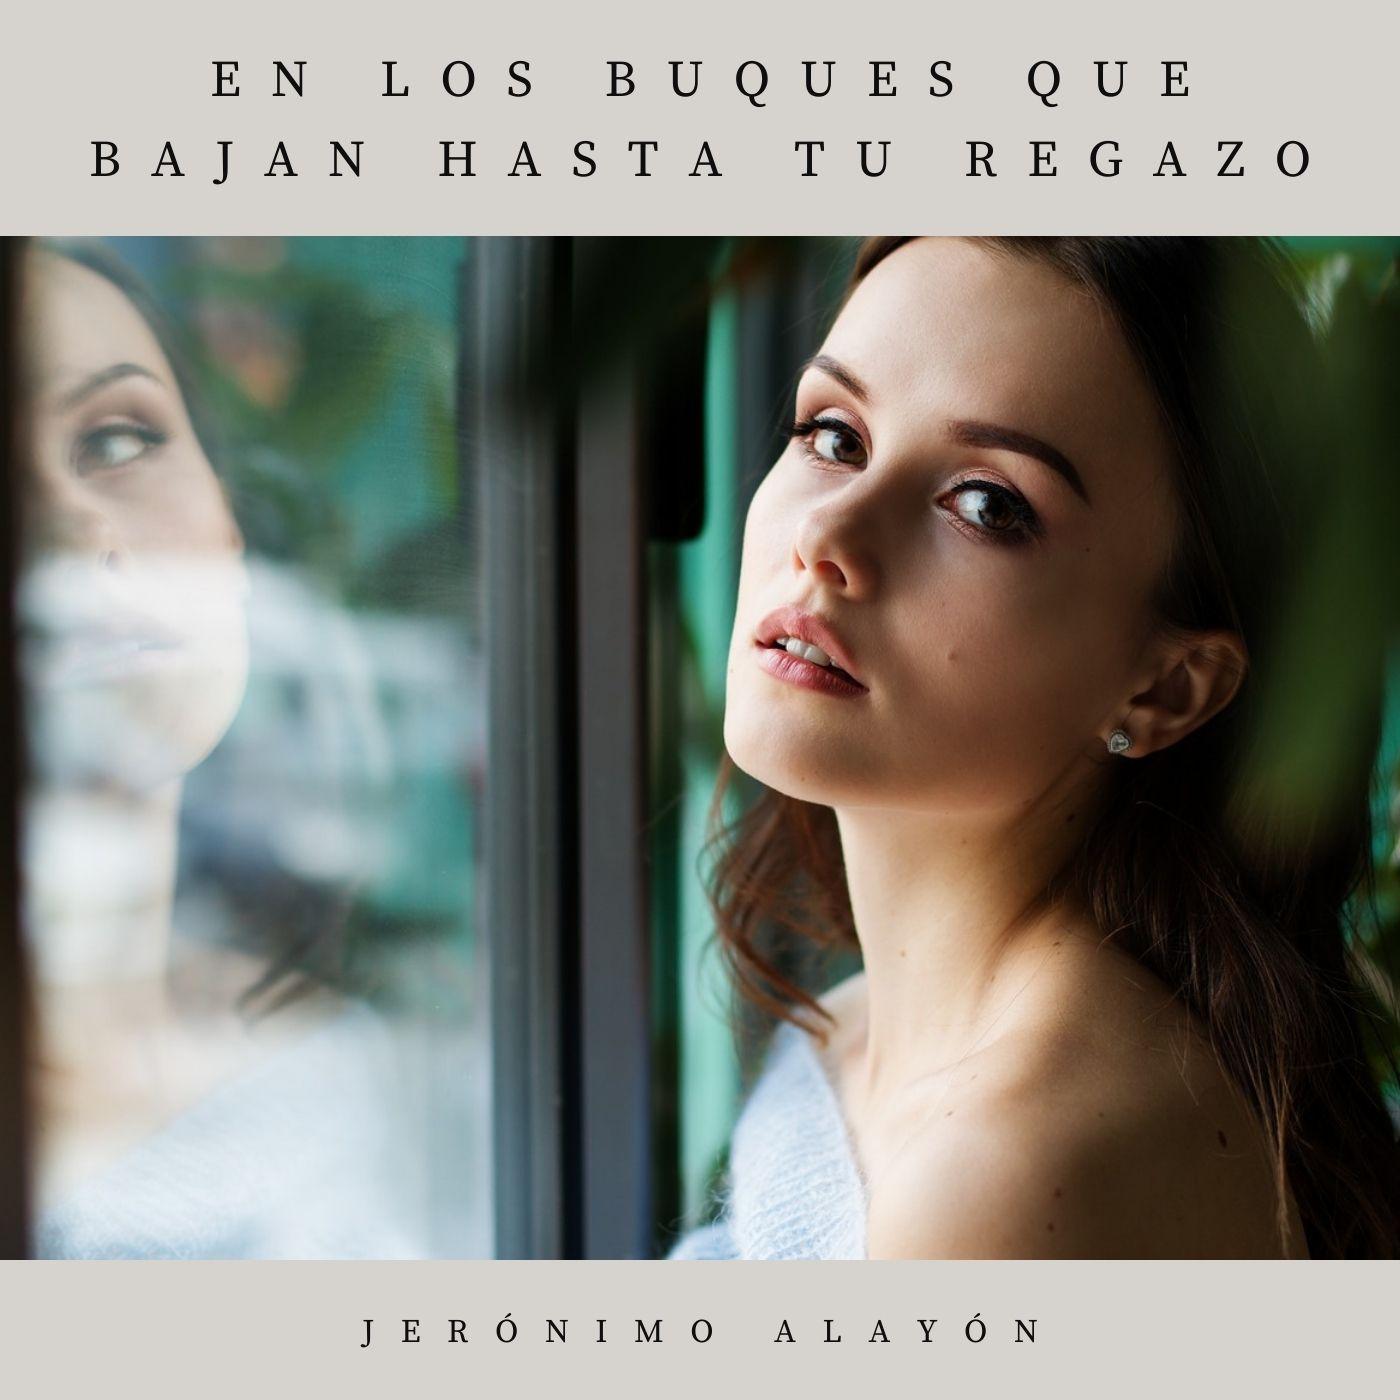 Podcast y audio poema de Jerónimo Alayón